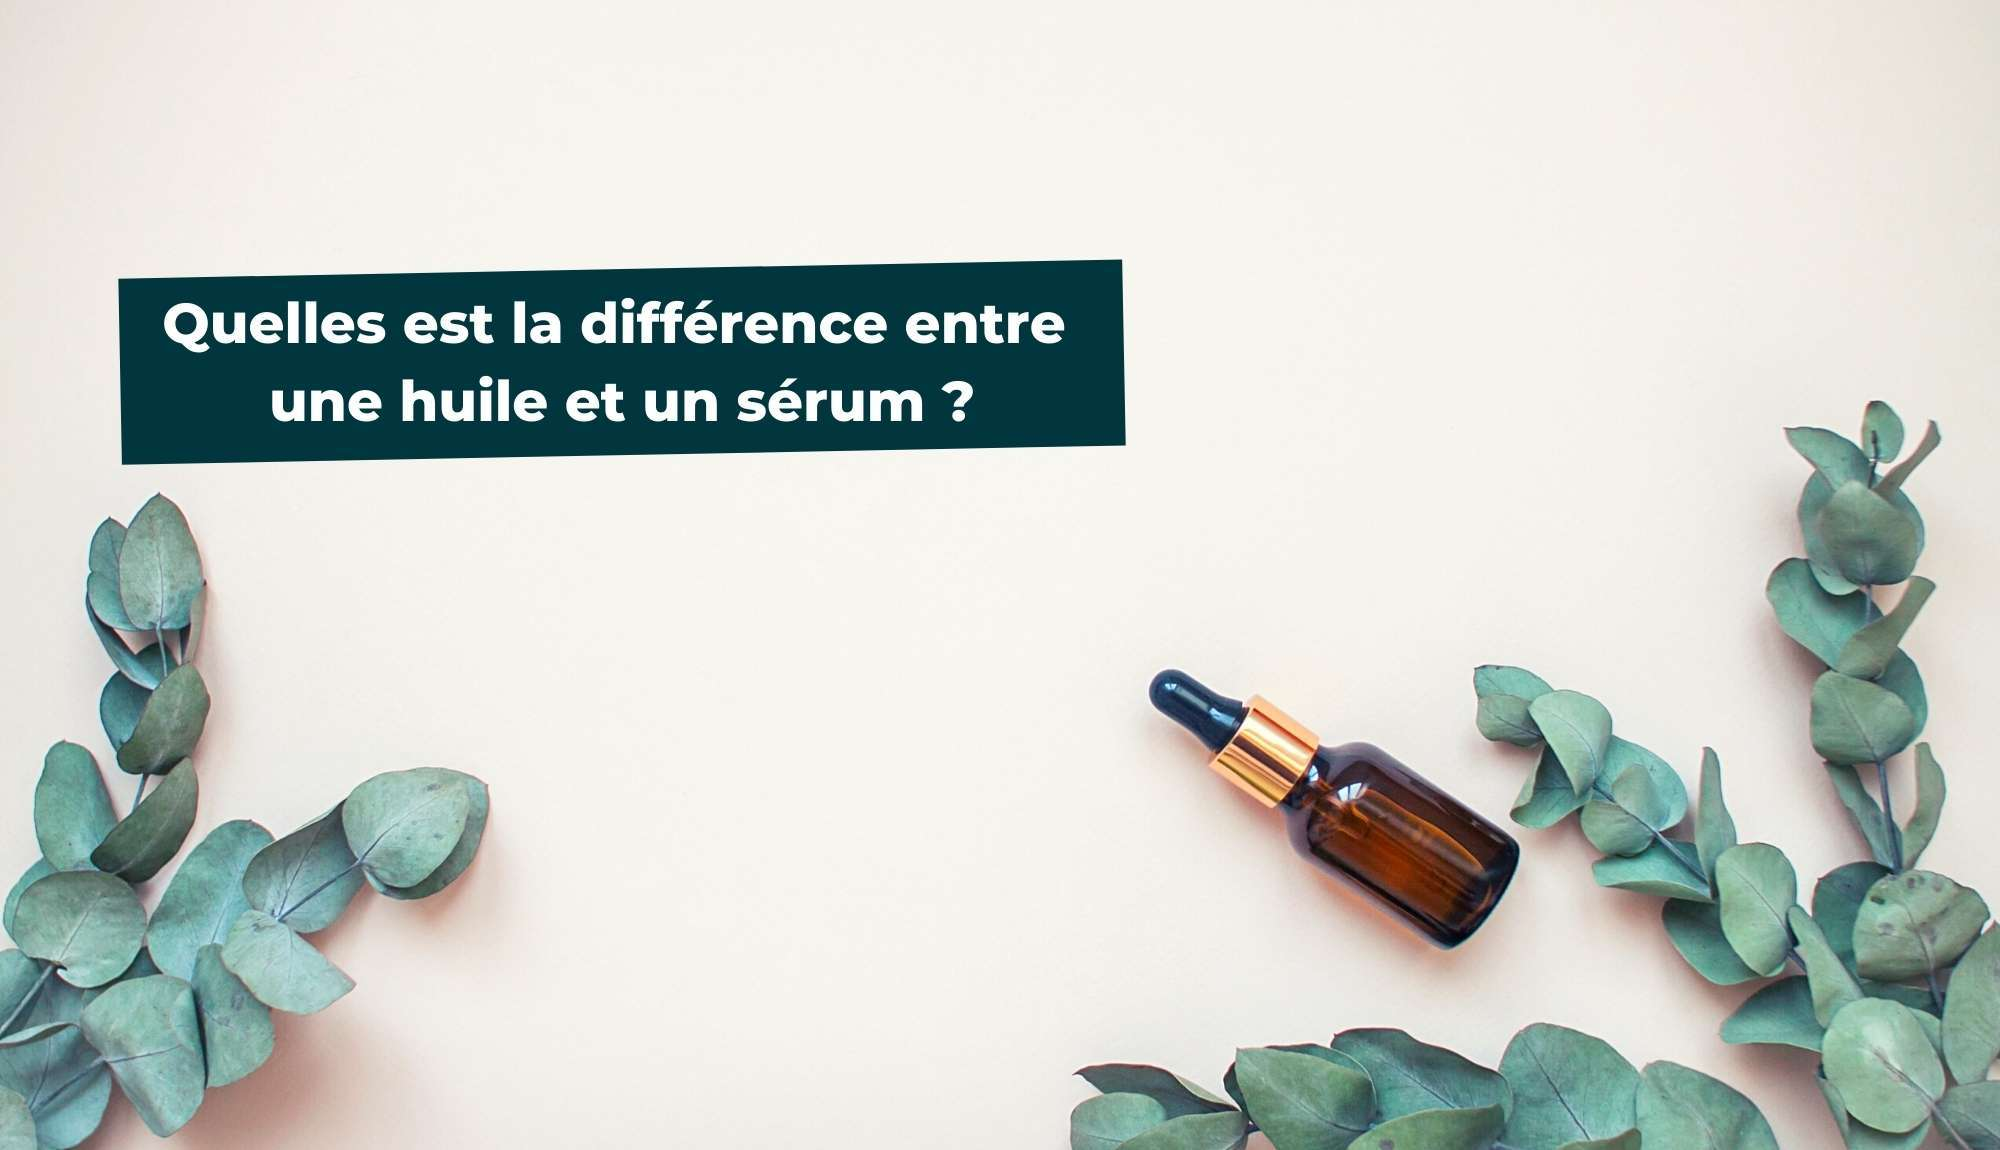 Quelle est la différence entre une huile et un sérum ?